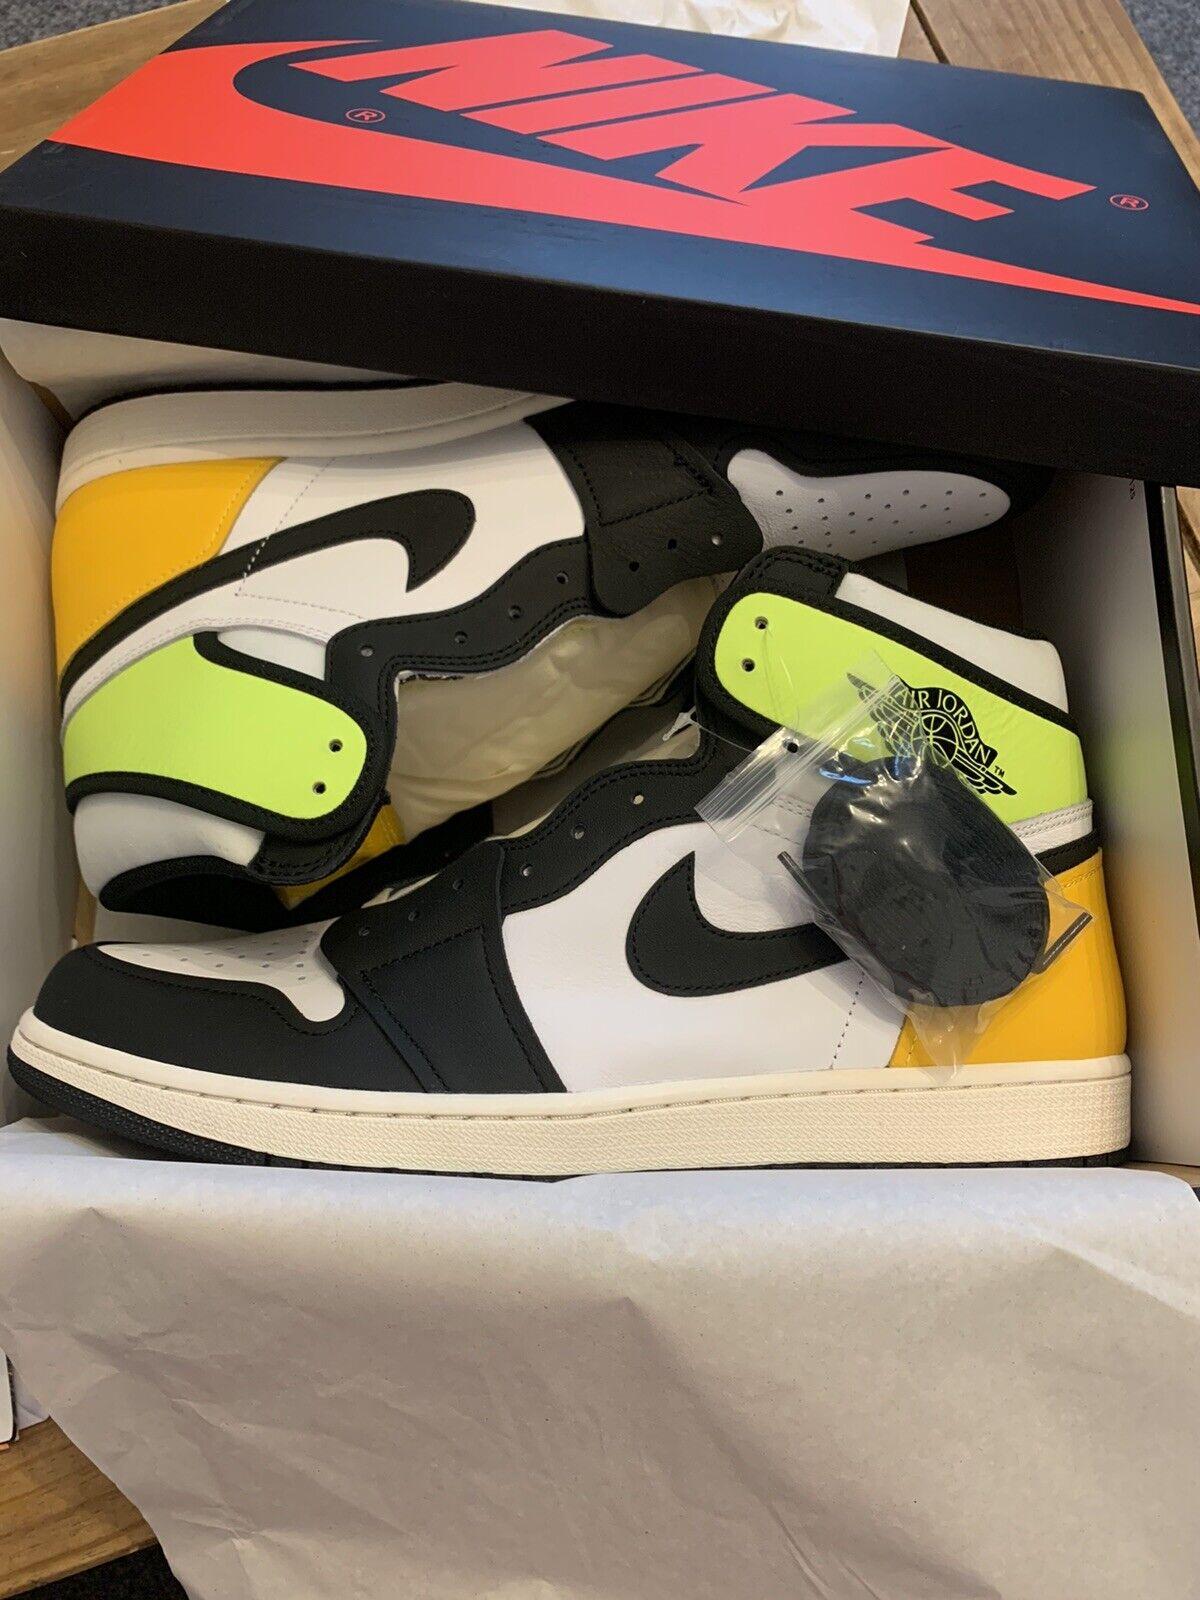 Jordan 1 Retro High OG Black White Volt Yellow Size UK 14